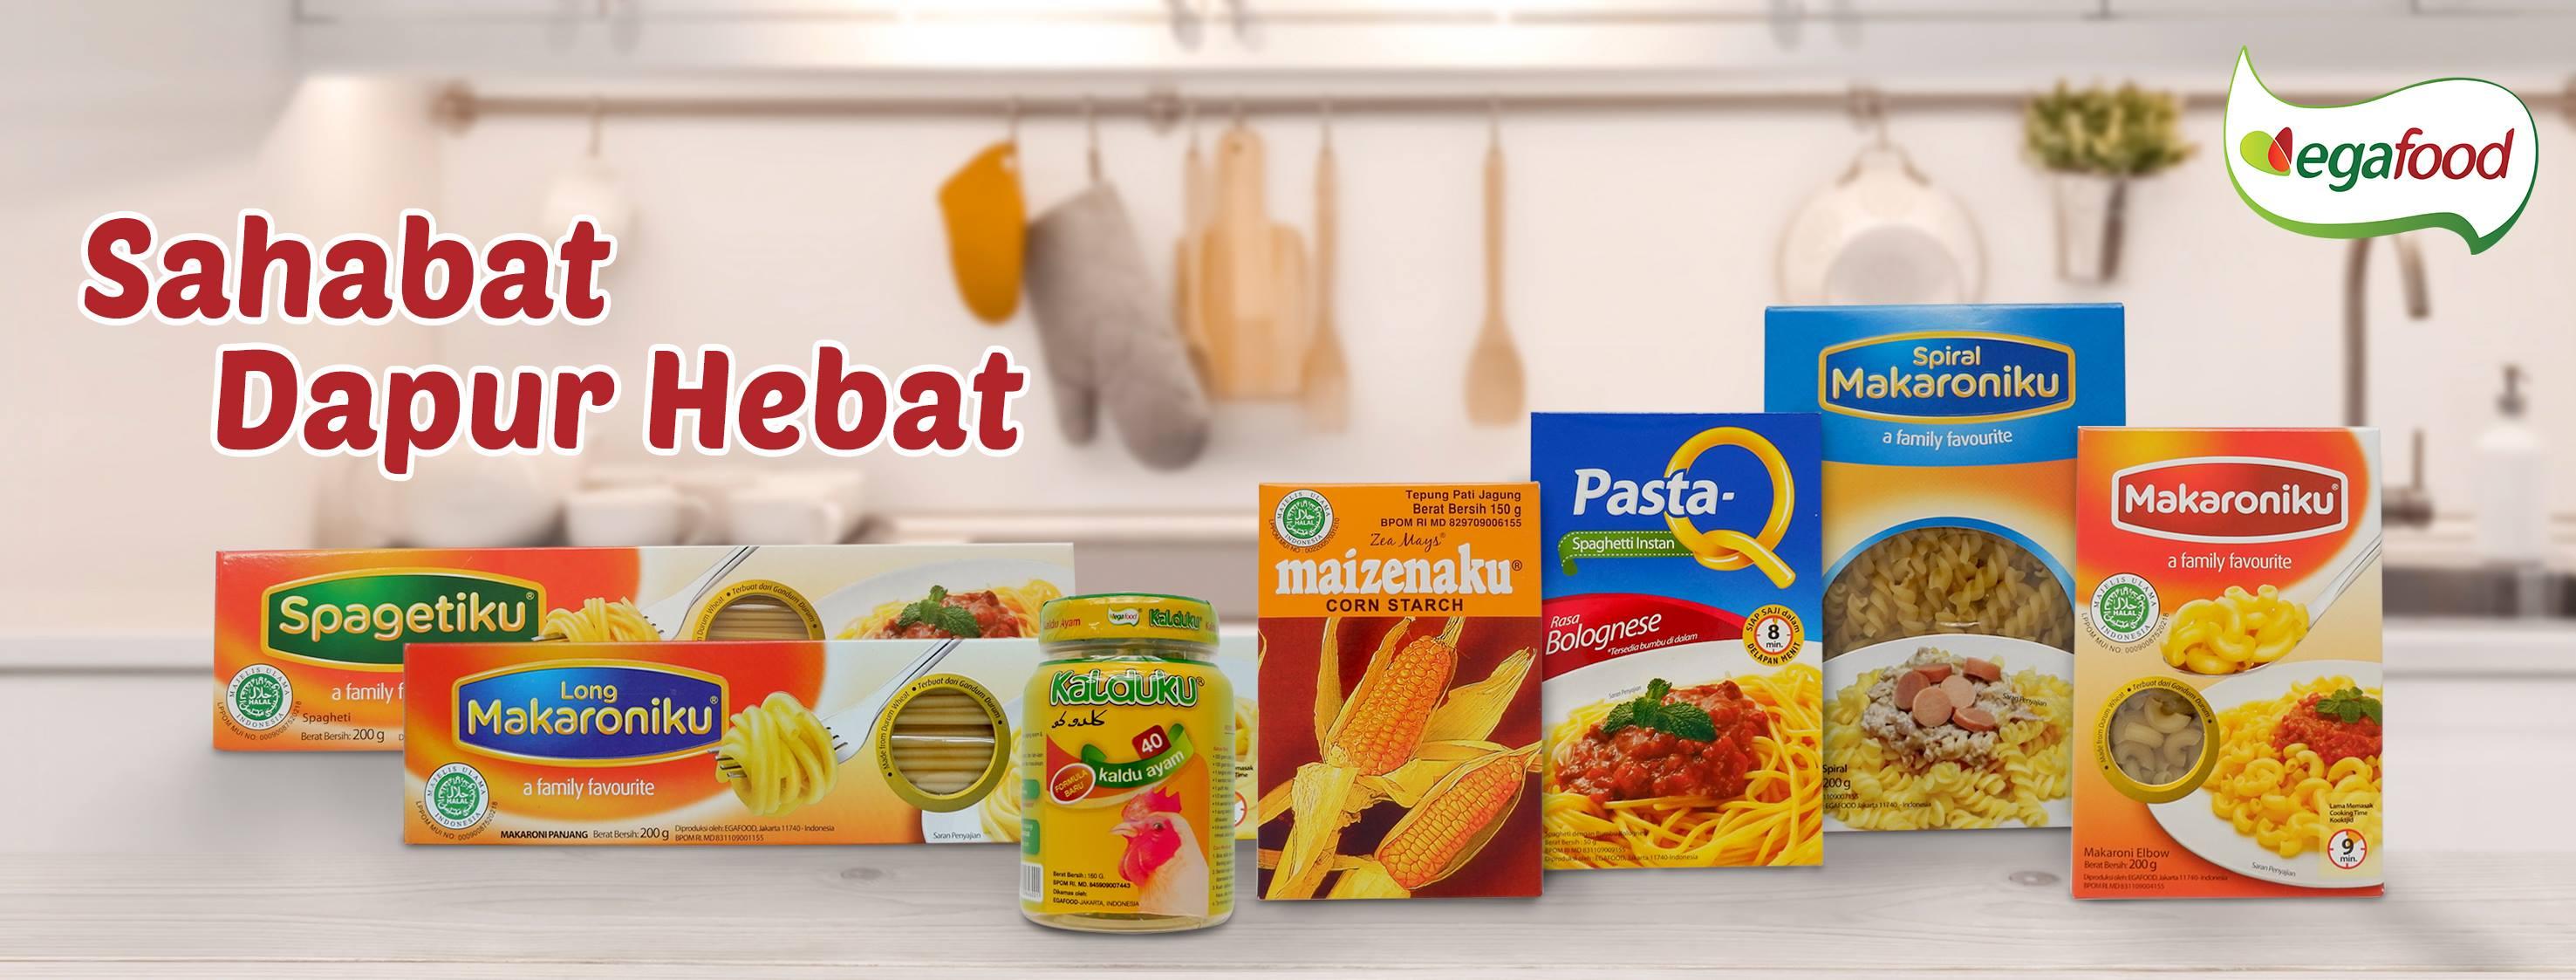 Egafood Indonesia